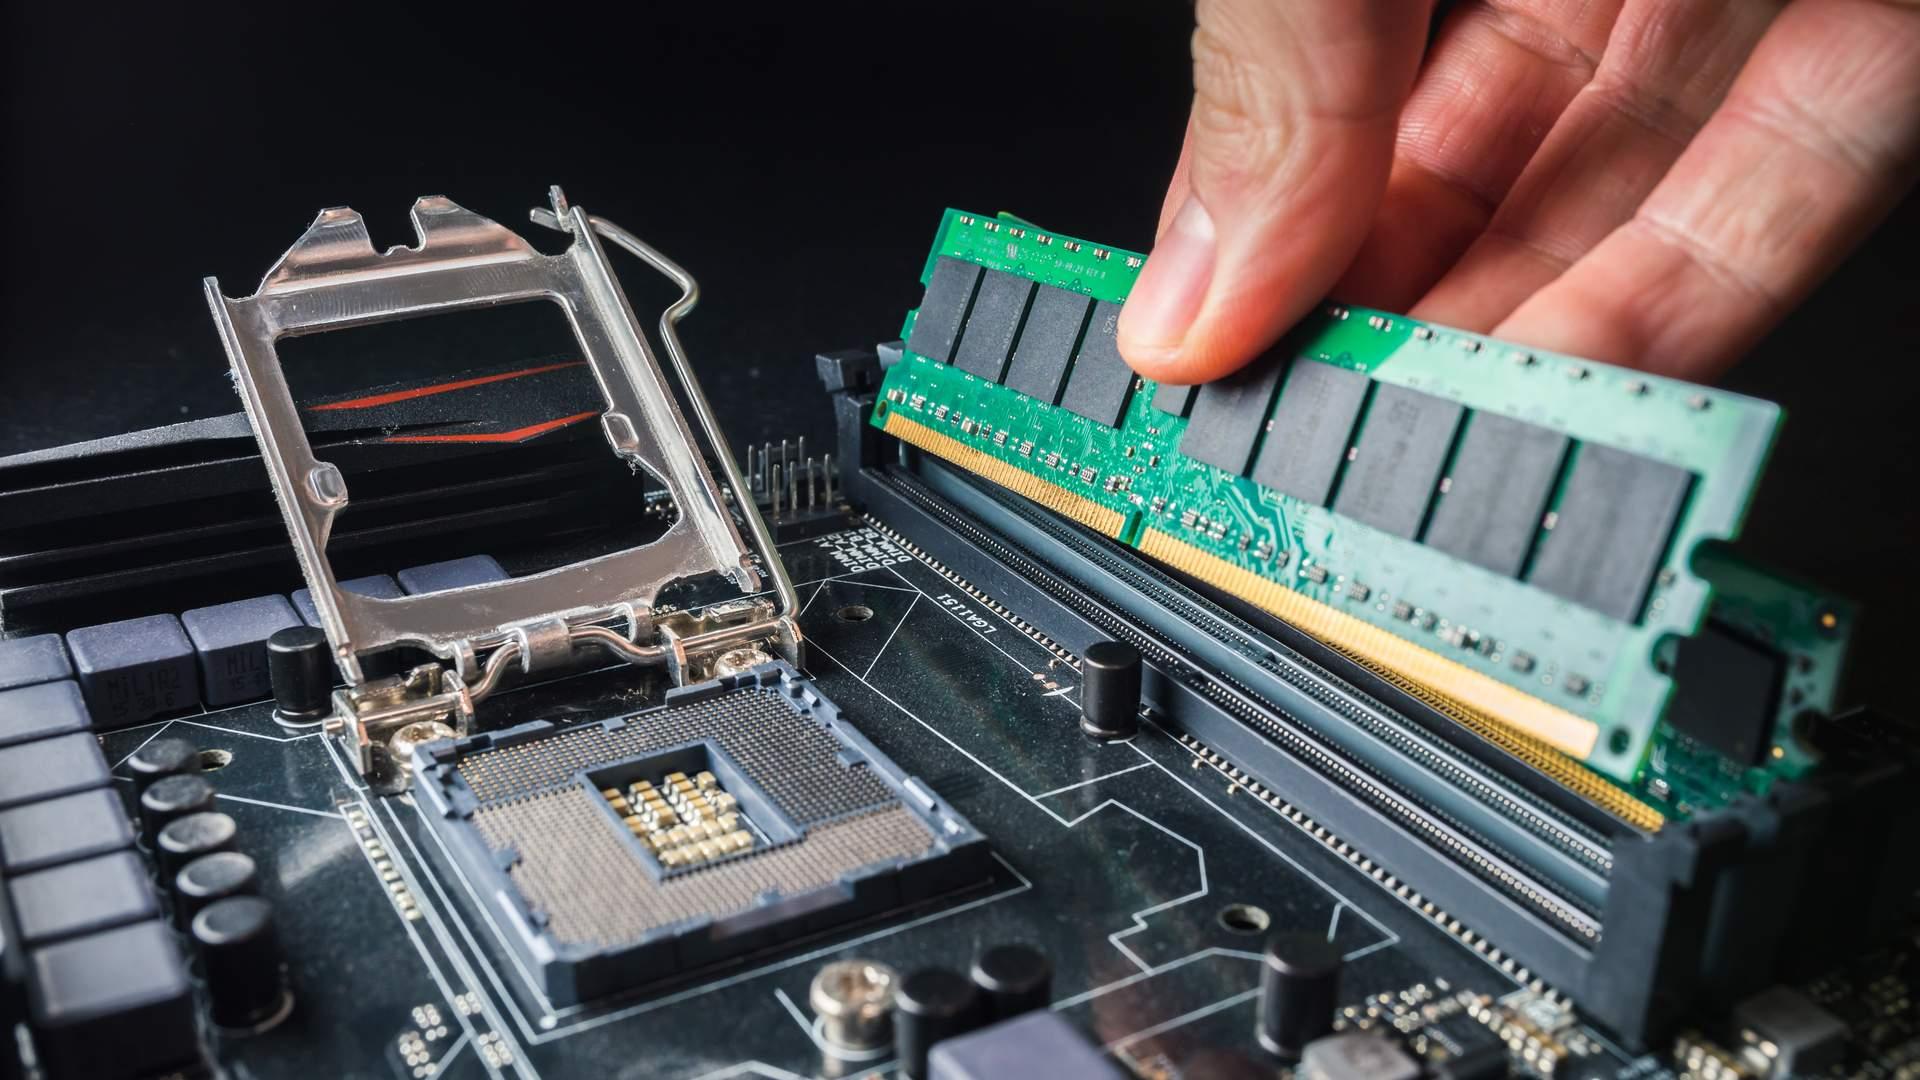 Memória RAM sendo encaixada no respectivo soquete na placa-mãe